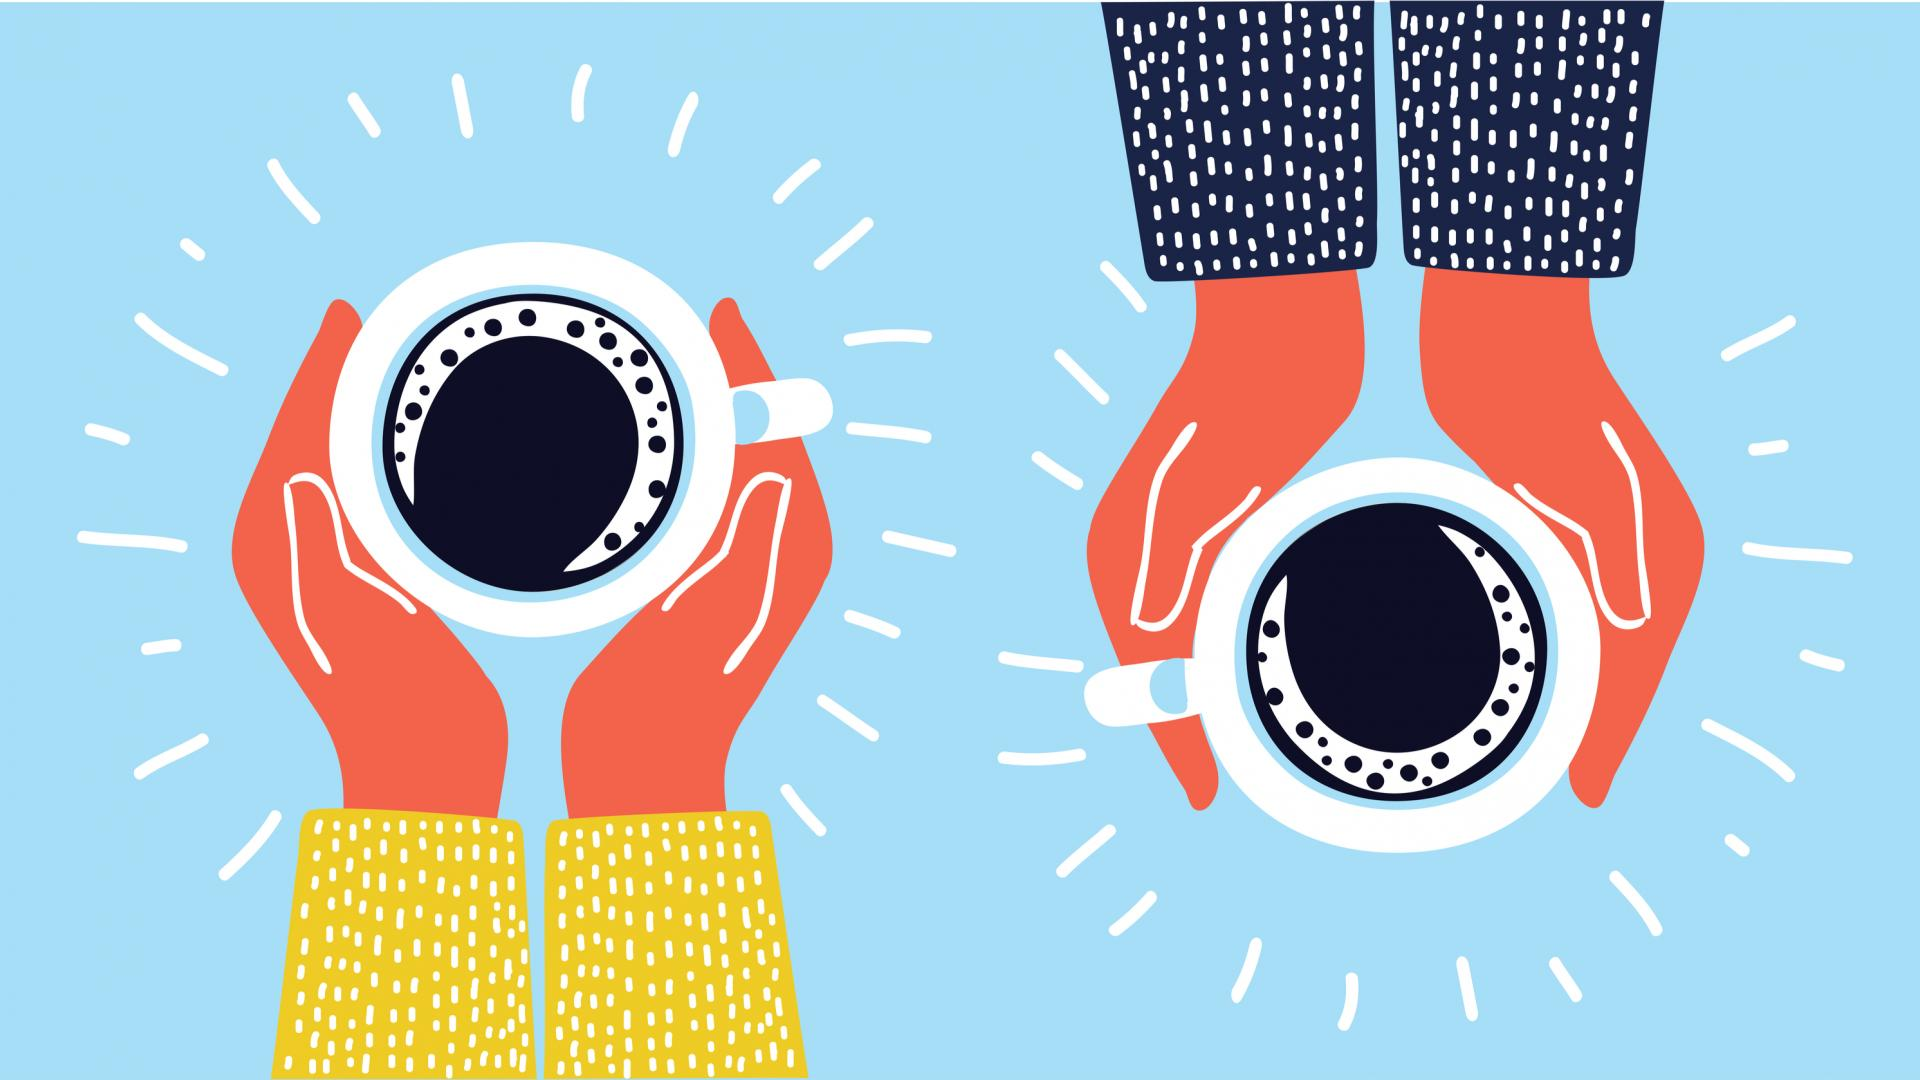 Kaffee Alternativen Tassen und zwei Hände